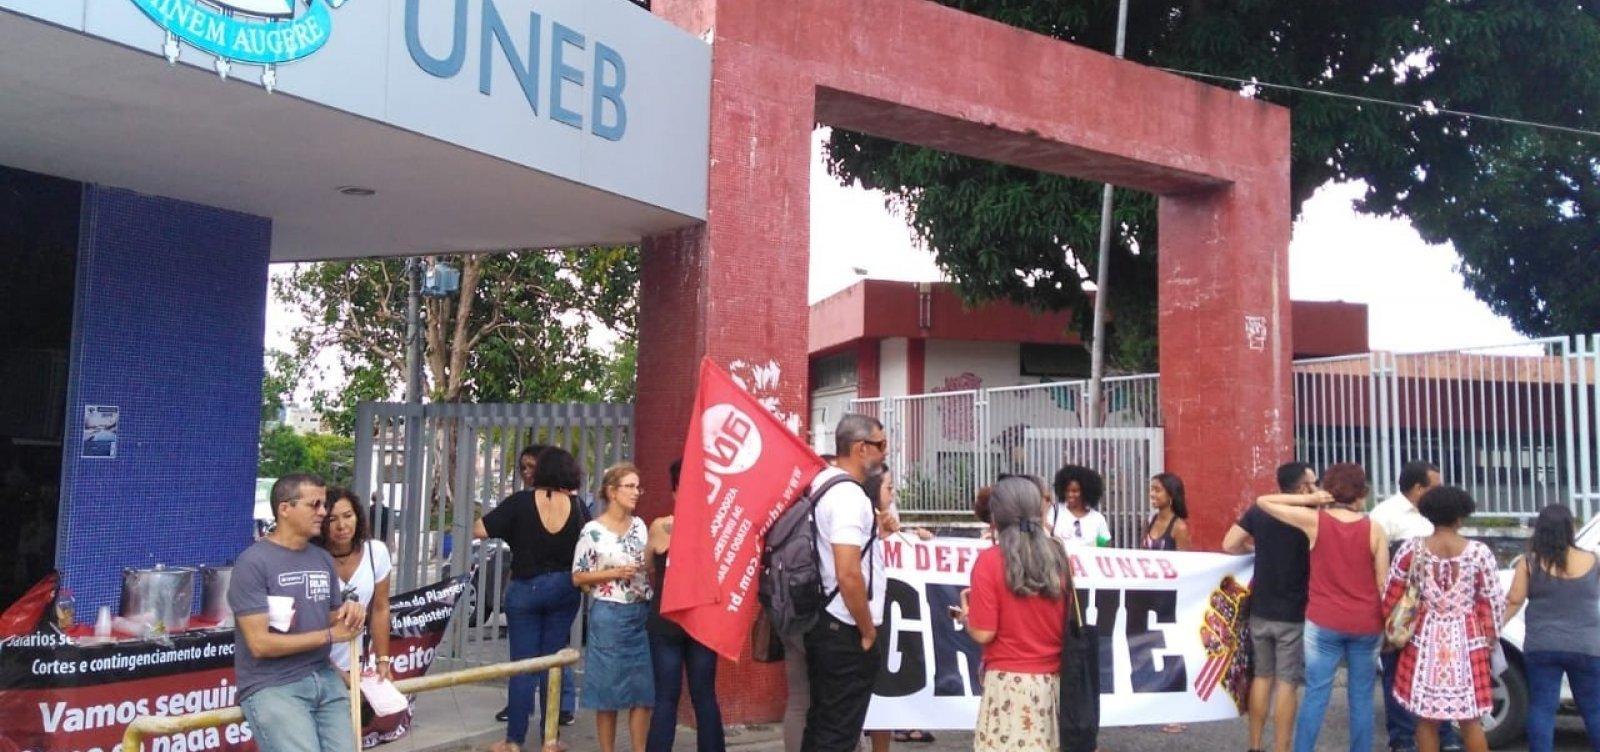 Com greve nas universidades, governo lança proposta para promoção de professores